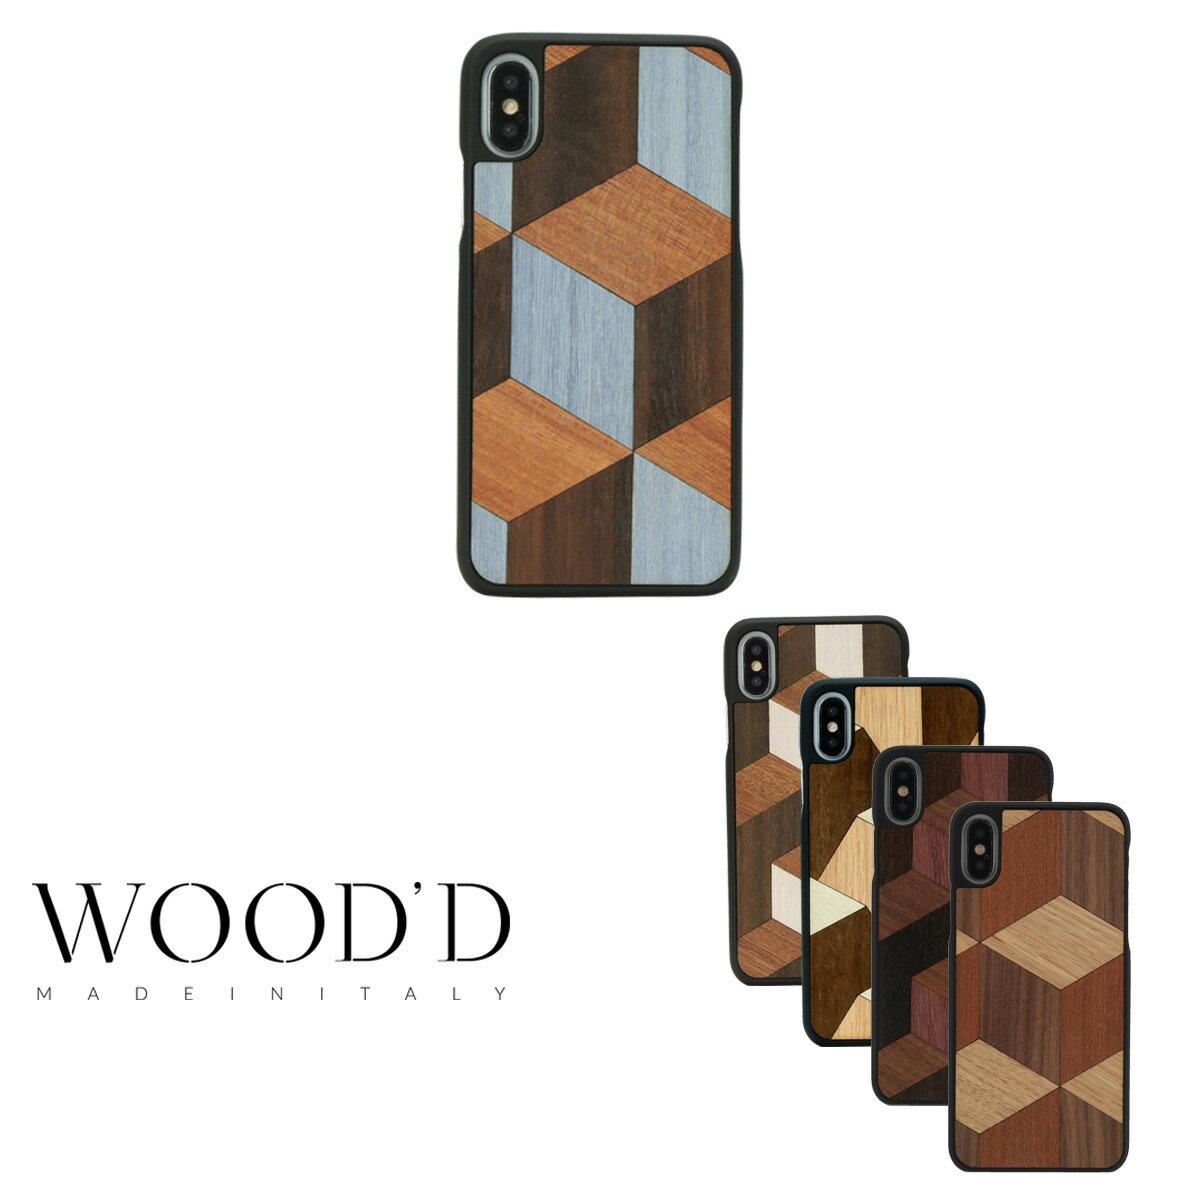 Wood'd iPhoneX ケース Real wood Snap-on covers GEOMETRIC レディース メンズ アイフォン スマホケース スマートフォン カバー ウッド 【PO10】【bef】【即日発送】